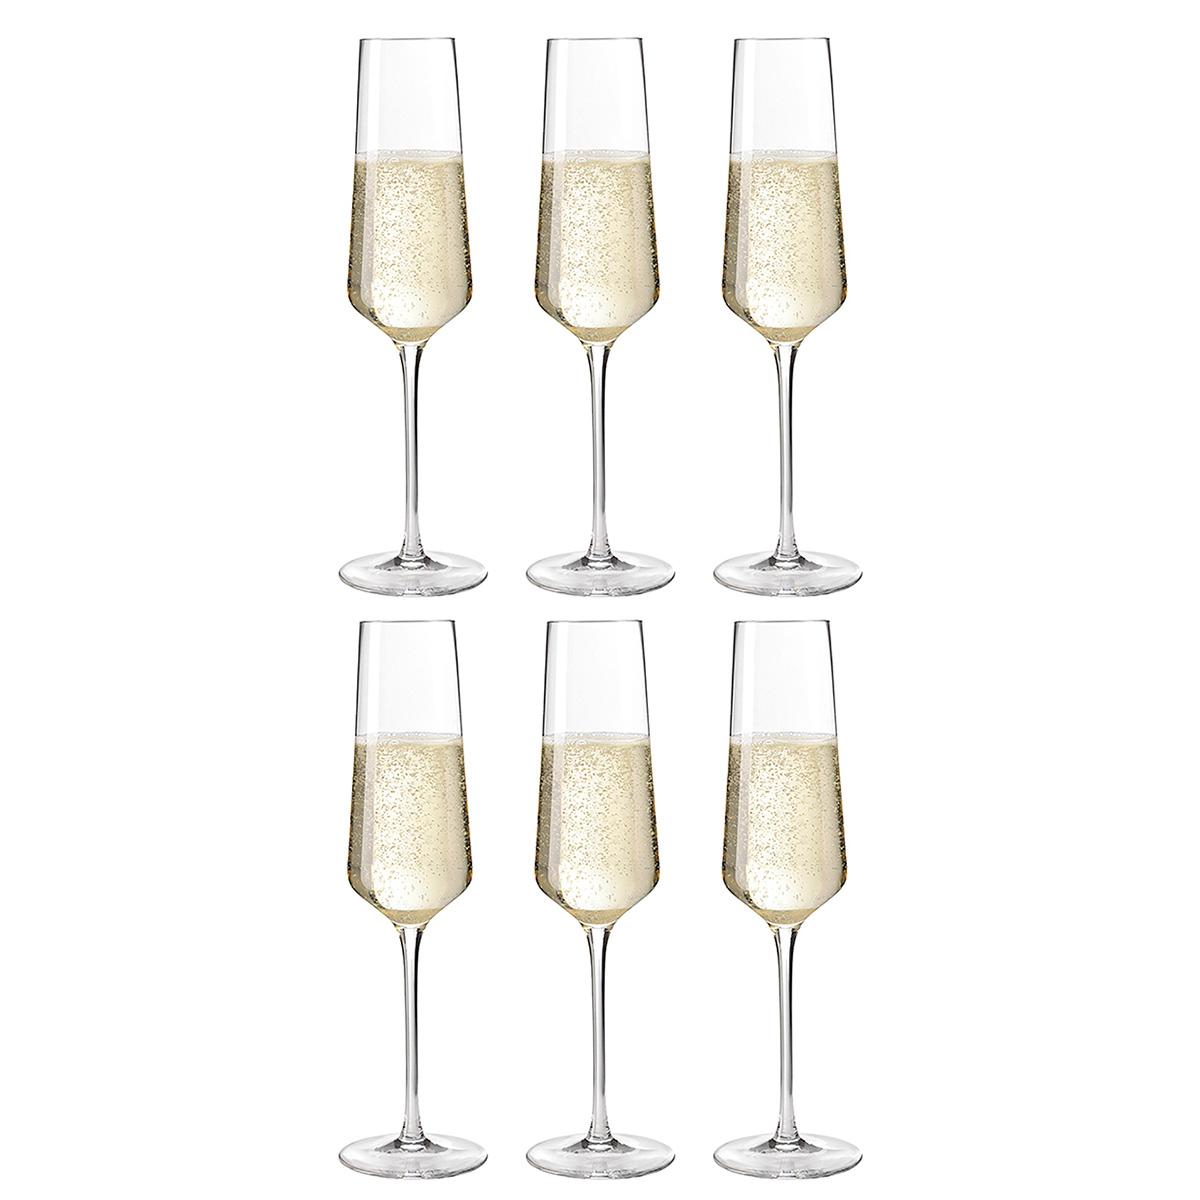 Billede af Leonardo champagneglas - Puccini - 6 stk.